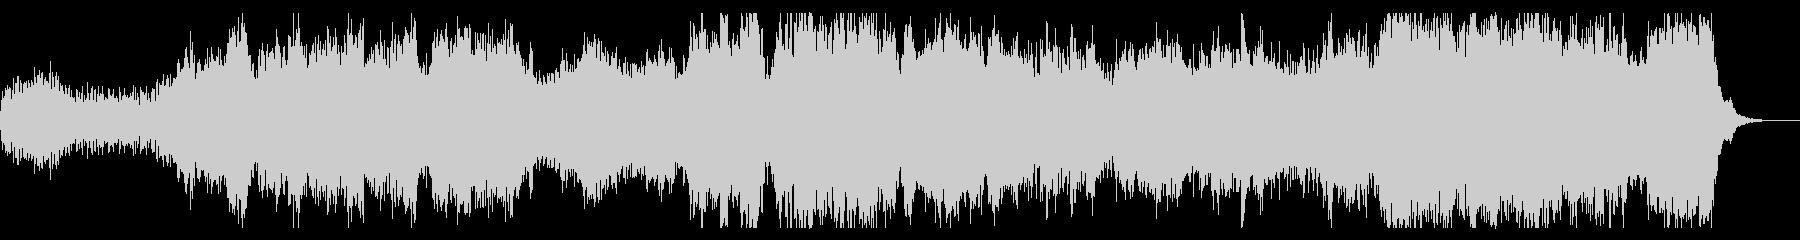 コーラス入りダークでシネマチックなBGMの未再生の波形